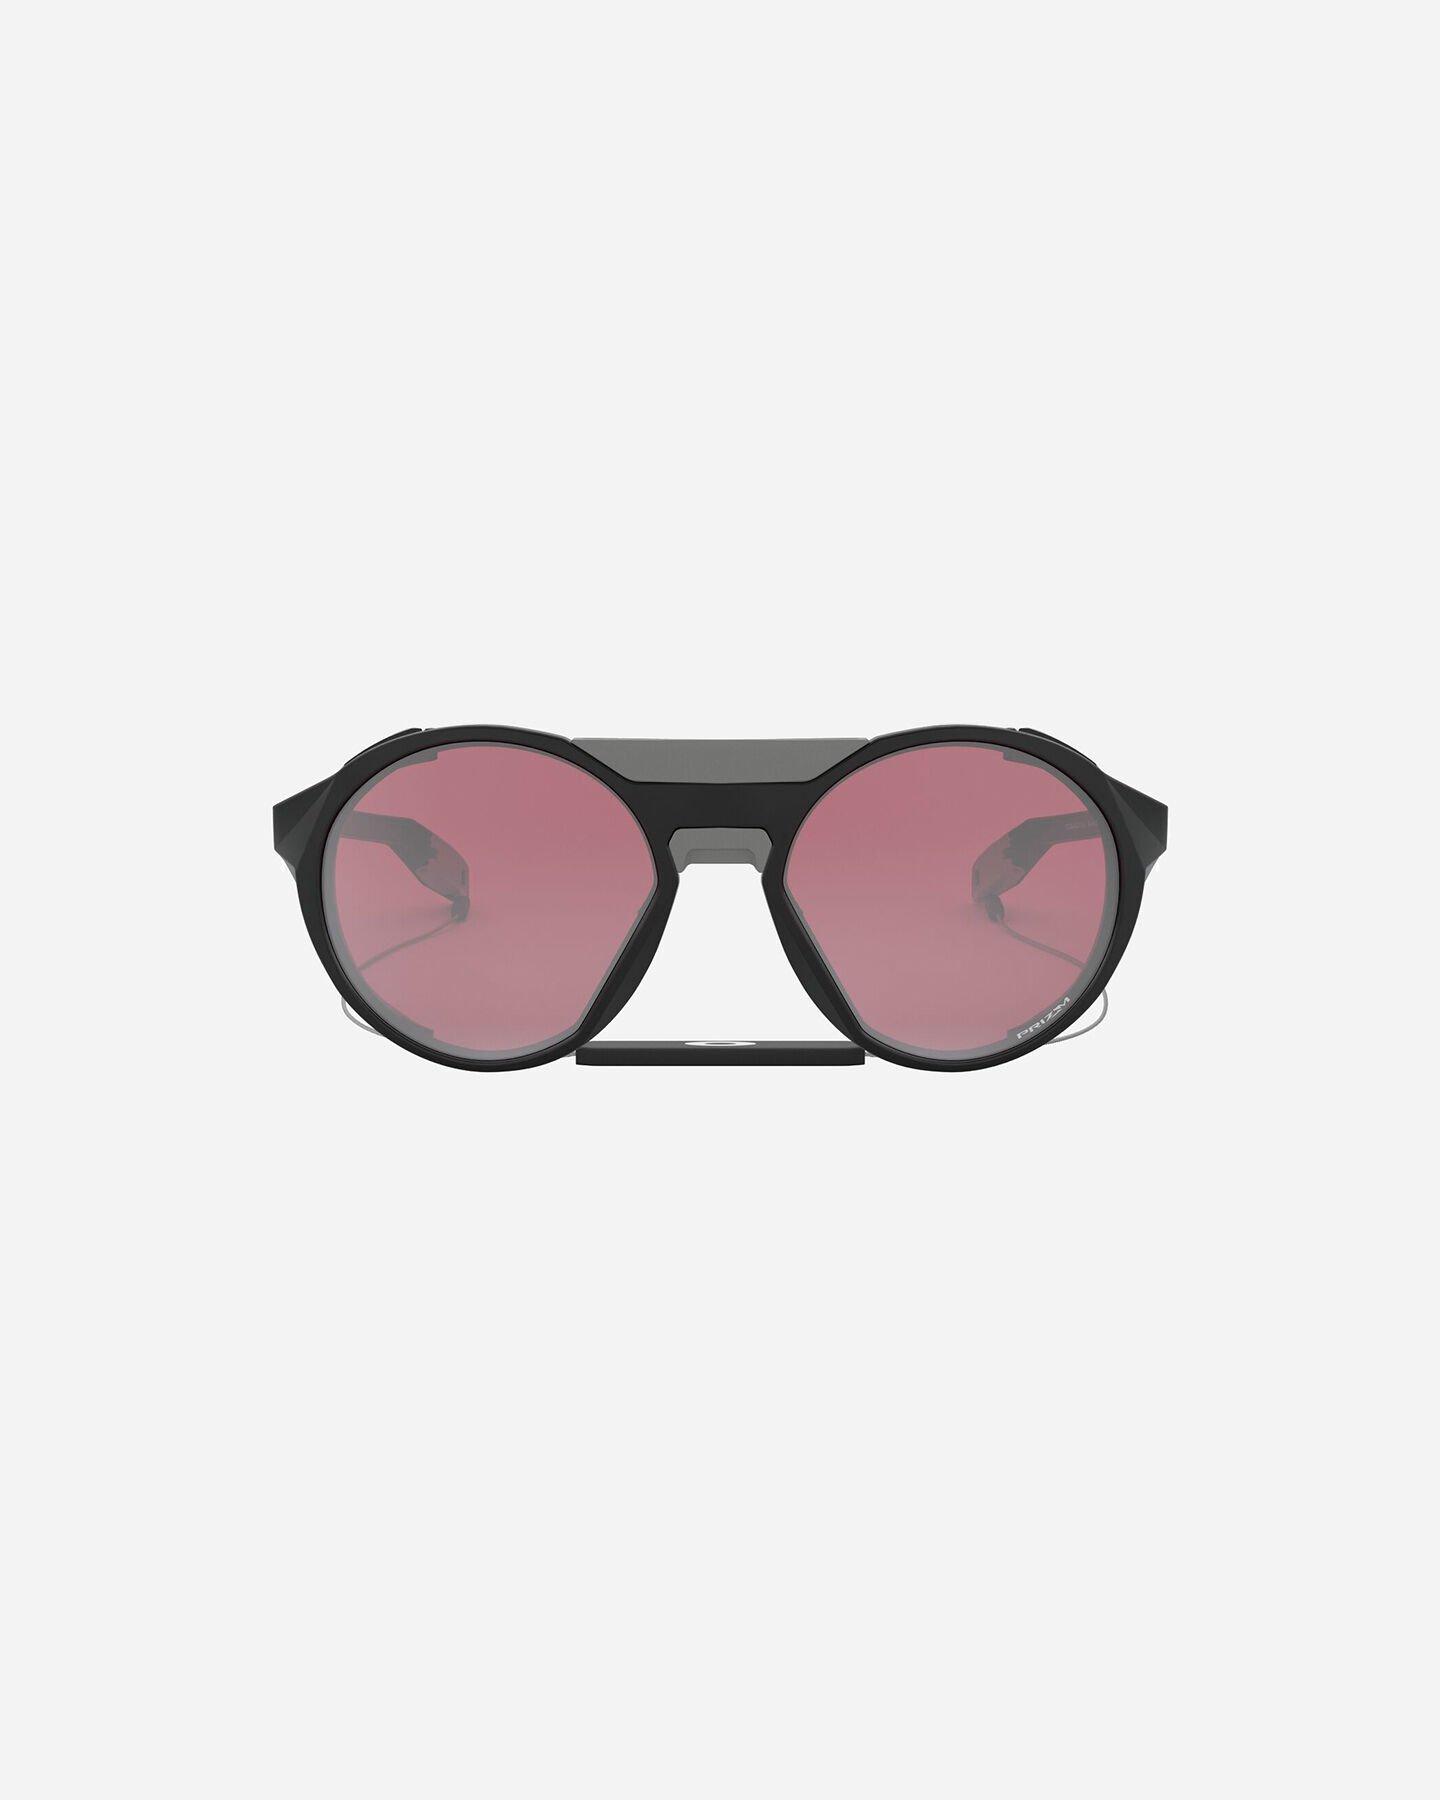 Occhiali OAKLEY CLIFDEN S5221232|0156|56 scatto 1